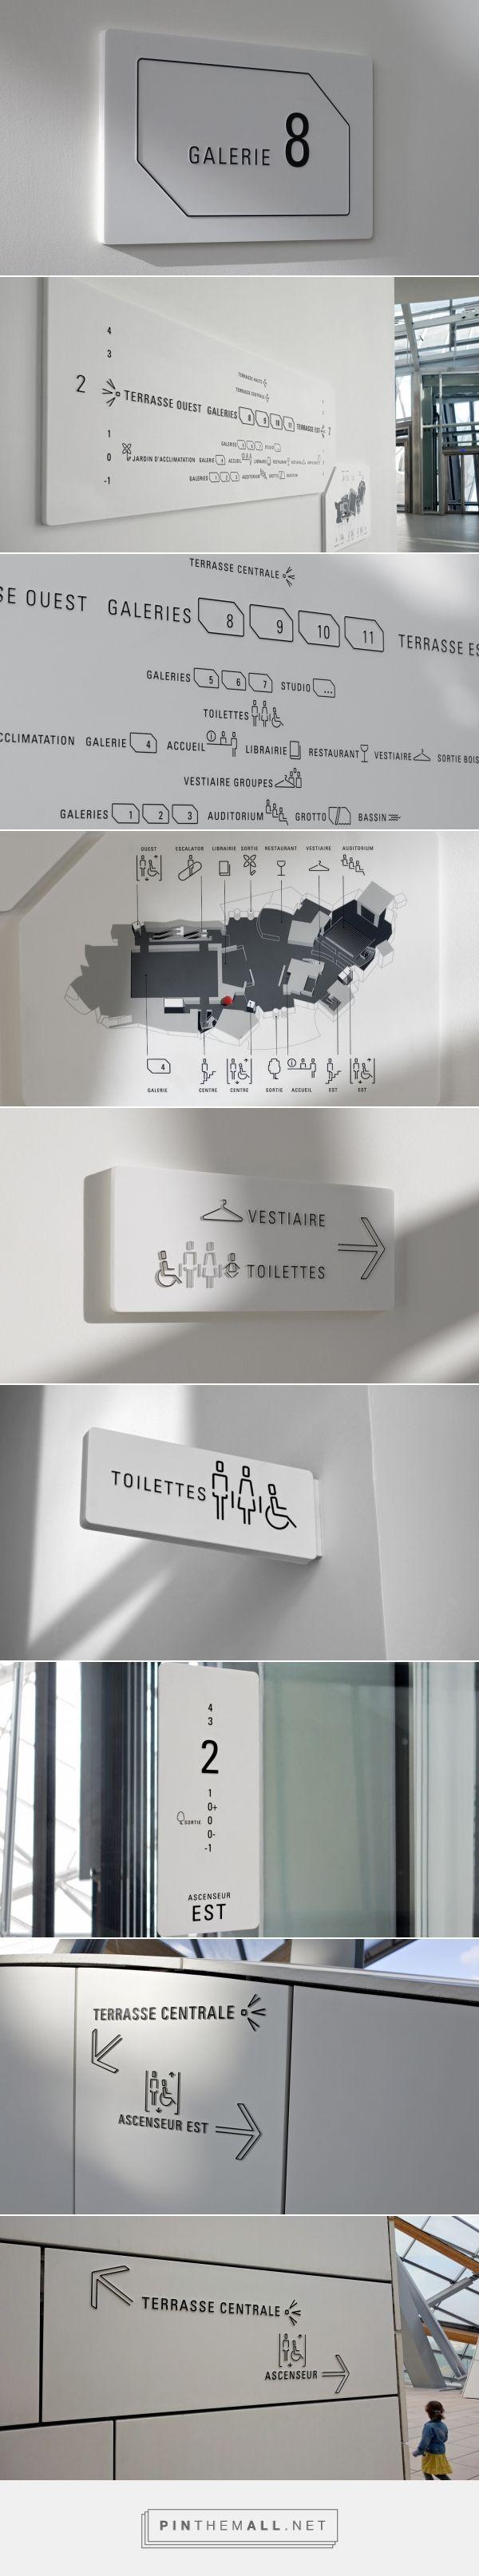 Fondation Louis Vuitton | Téra-création